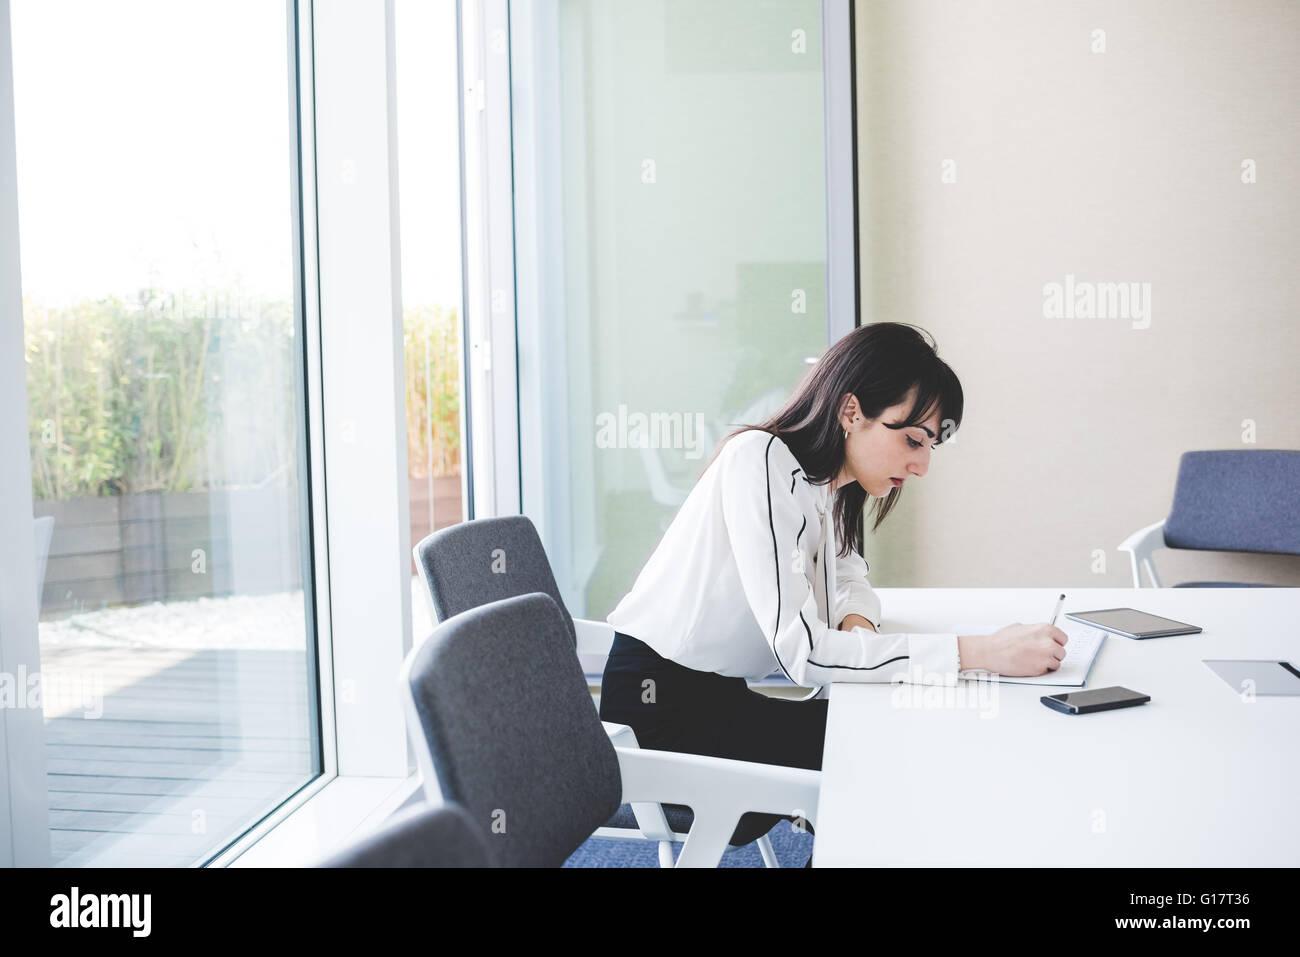 Junge Geschäftsfrau Schreiben von Notizen am Schreibtisch Stockbild